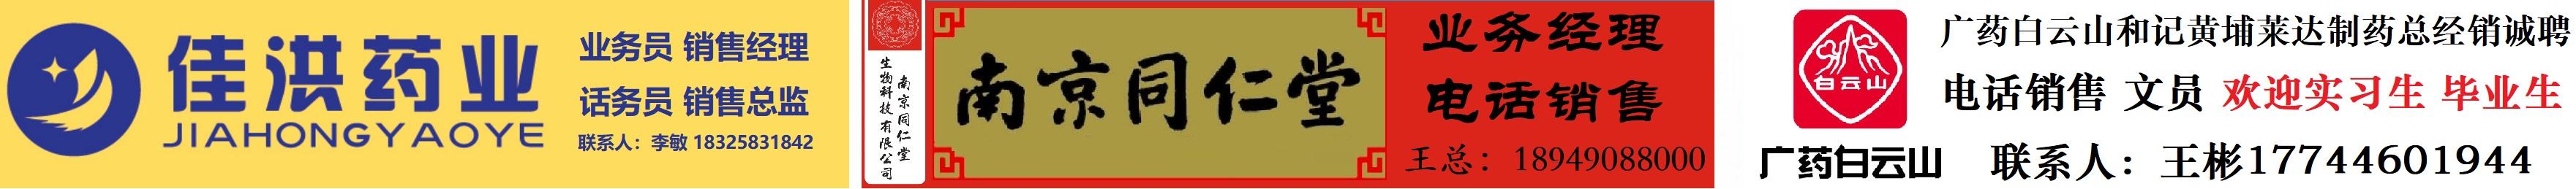 安徽佳洪药业集团